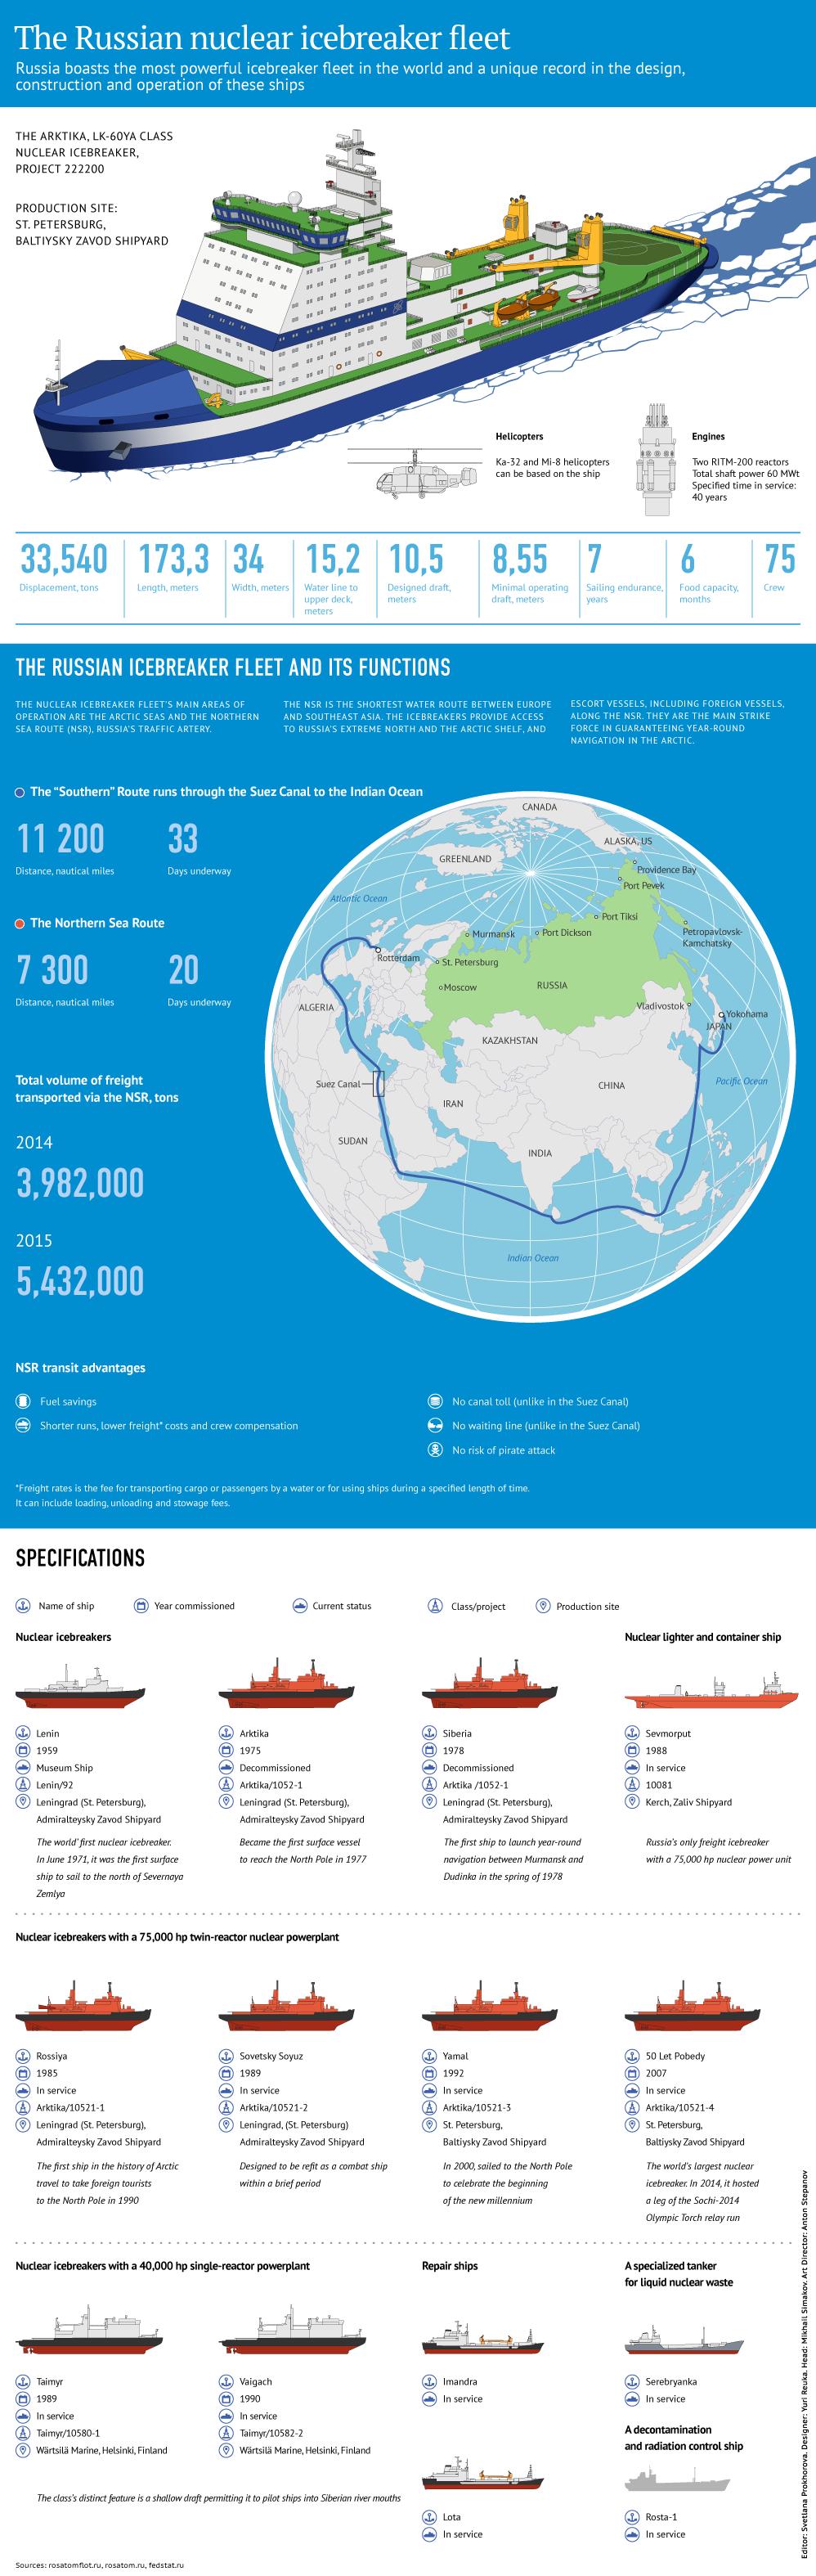 The Russian nuclear icebreaker fleet